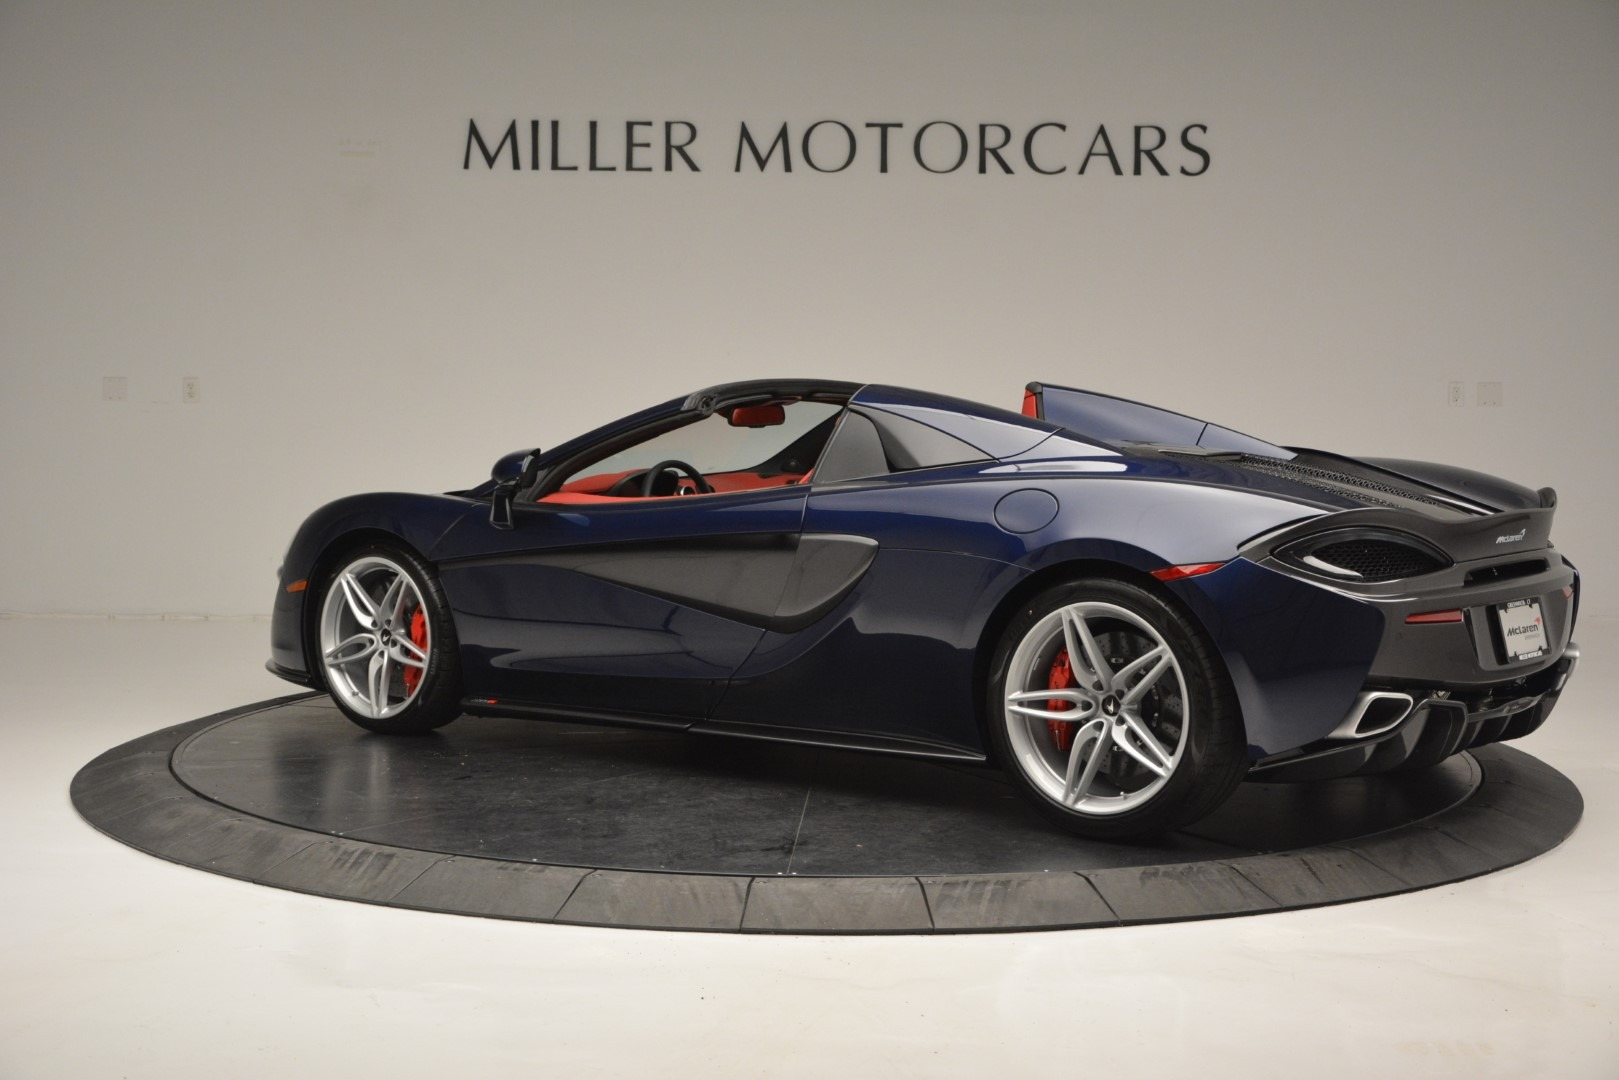 New 2019 McLaren 570S Spider Convertible For Sale In Westport, CT 2727_p4